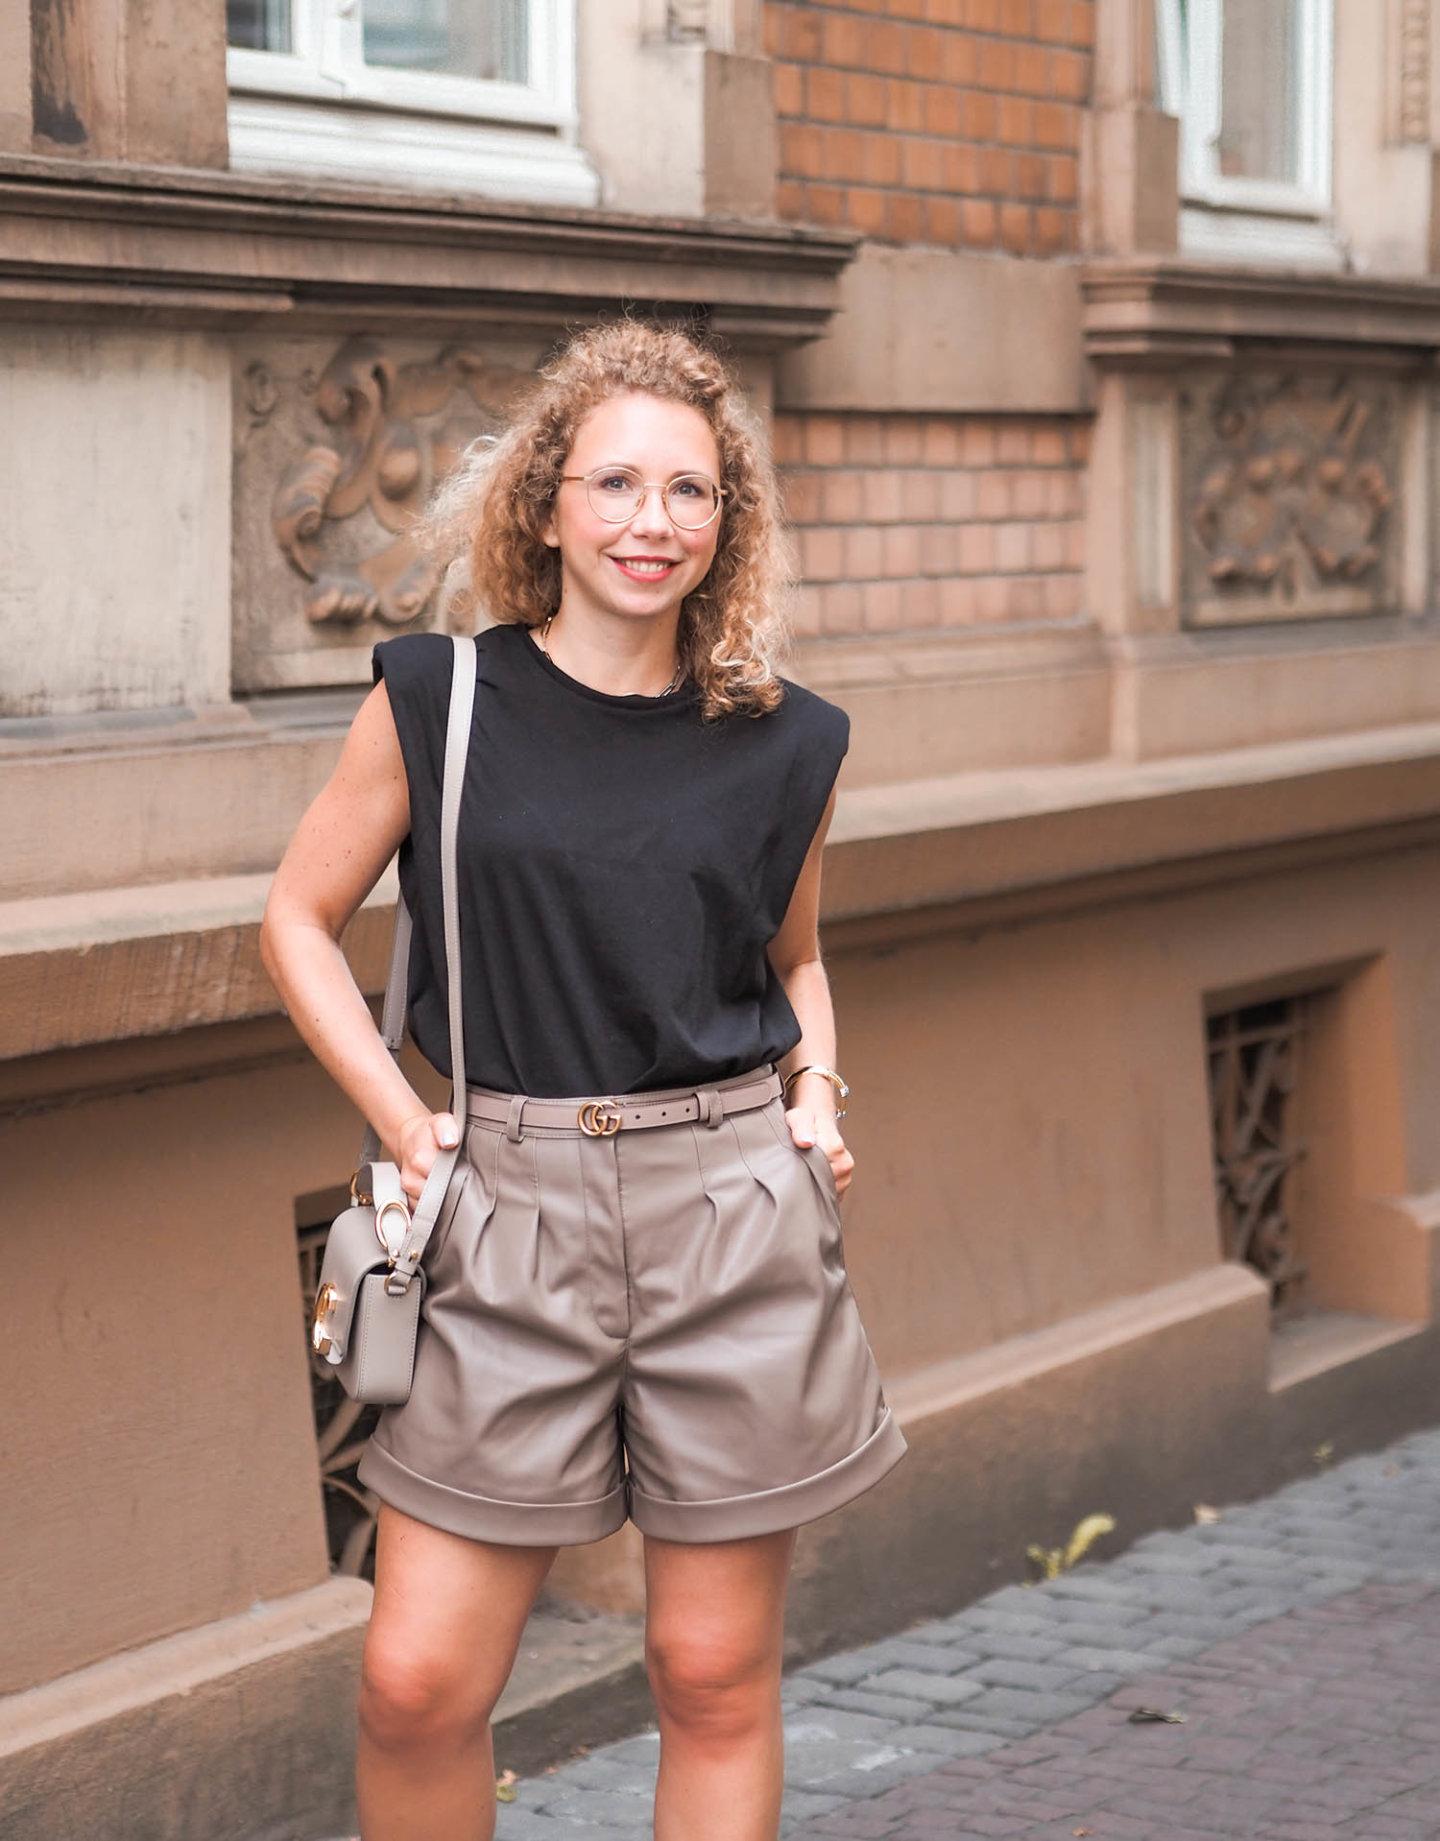 Ledershorts und Schulterpolster-Shirt - eleganter sommerlook